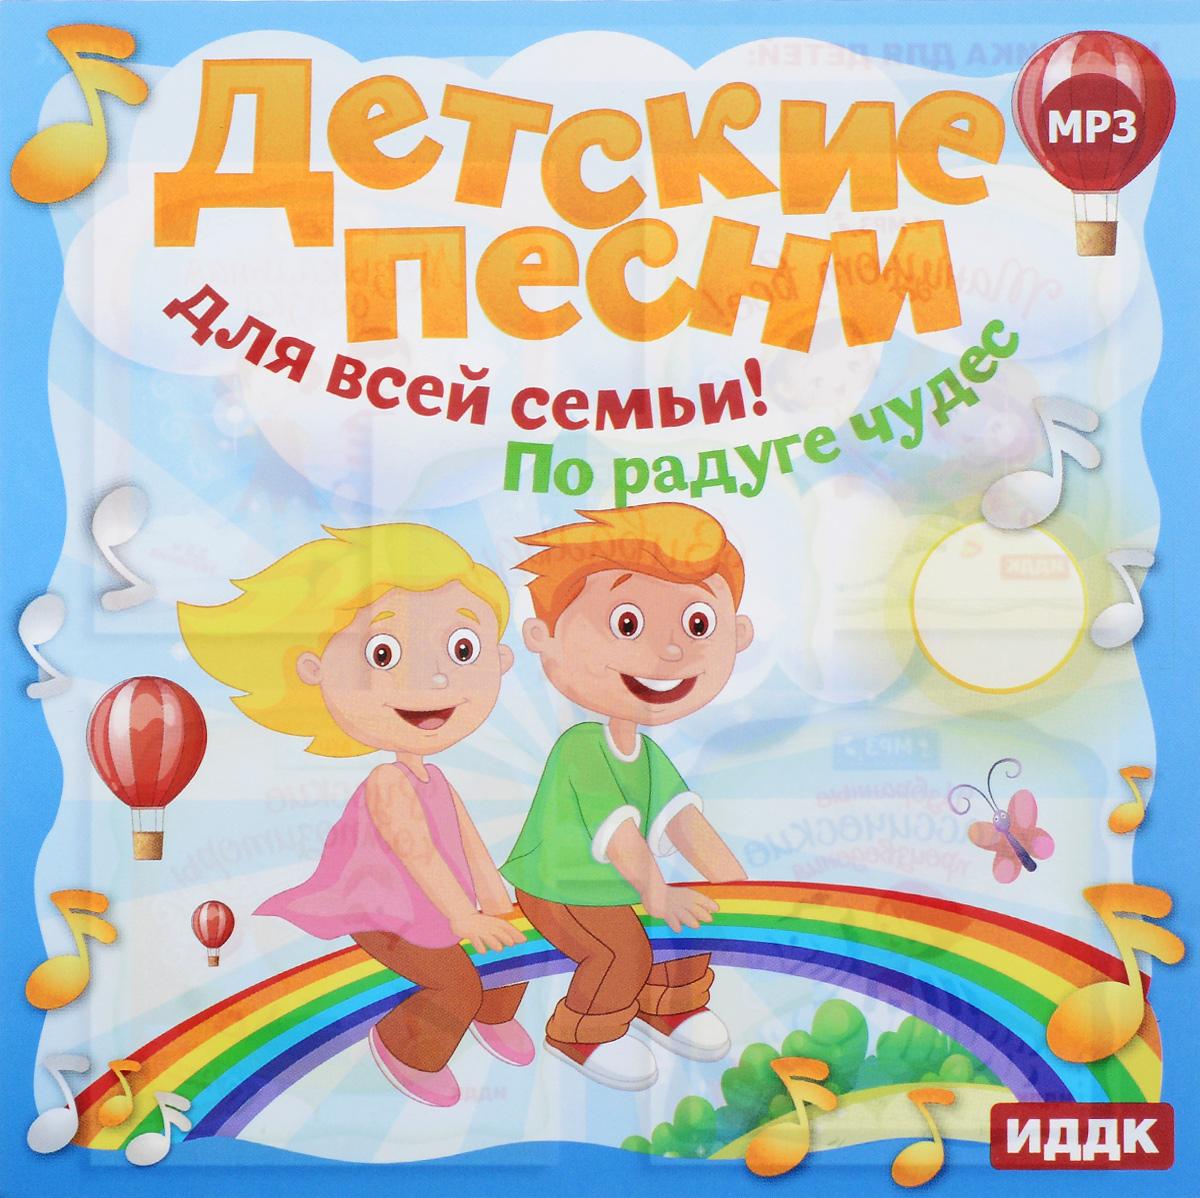 Zakazat.ru Детские песни для всей семьи! По радуге чудес (mp3)